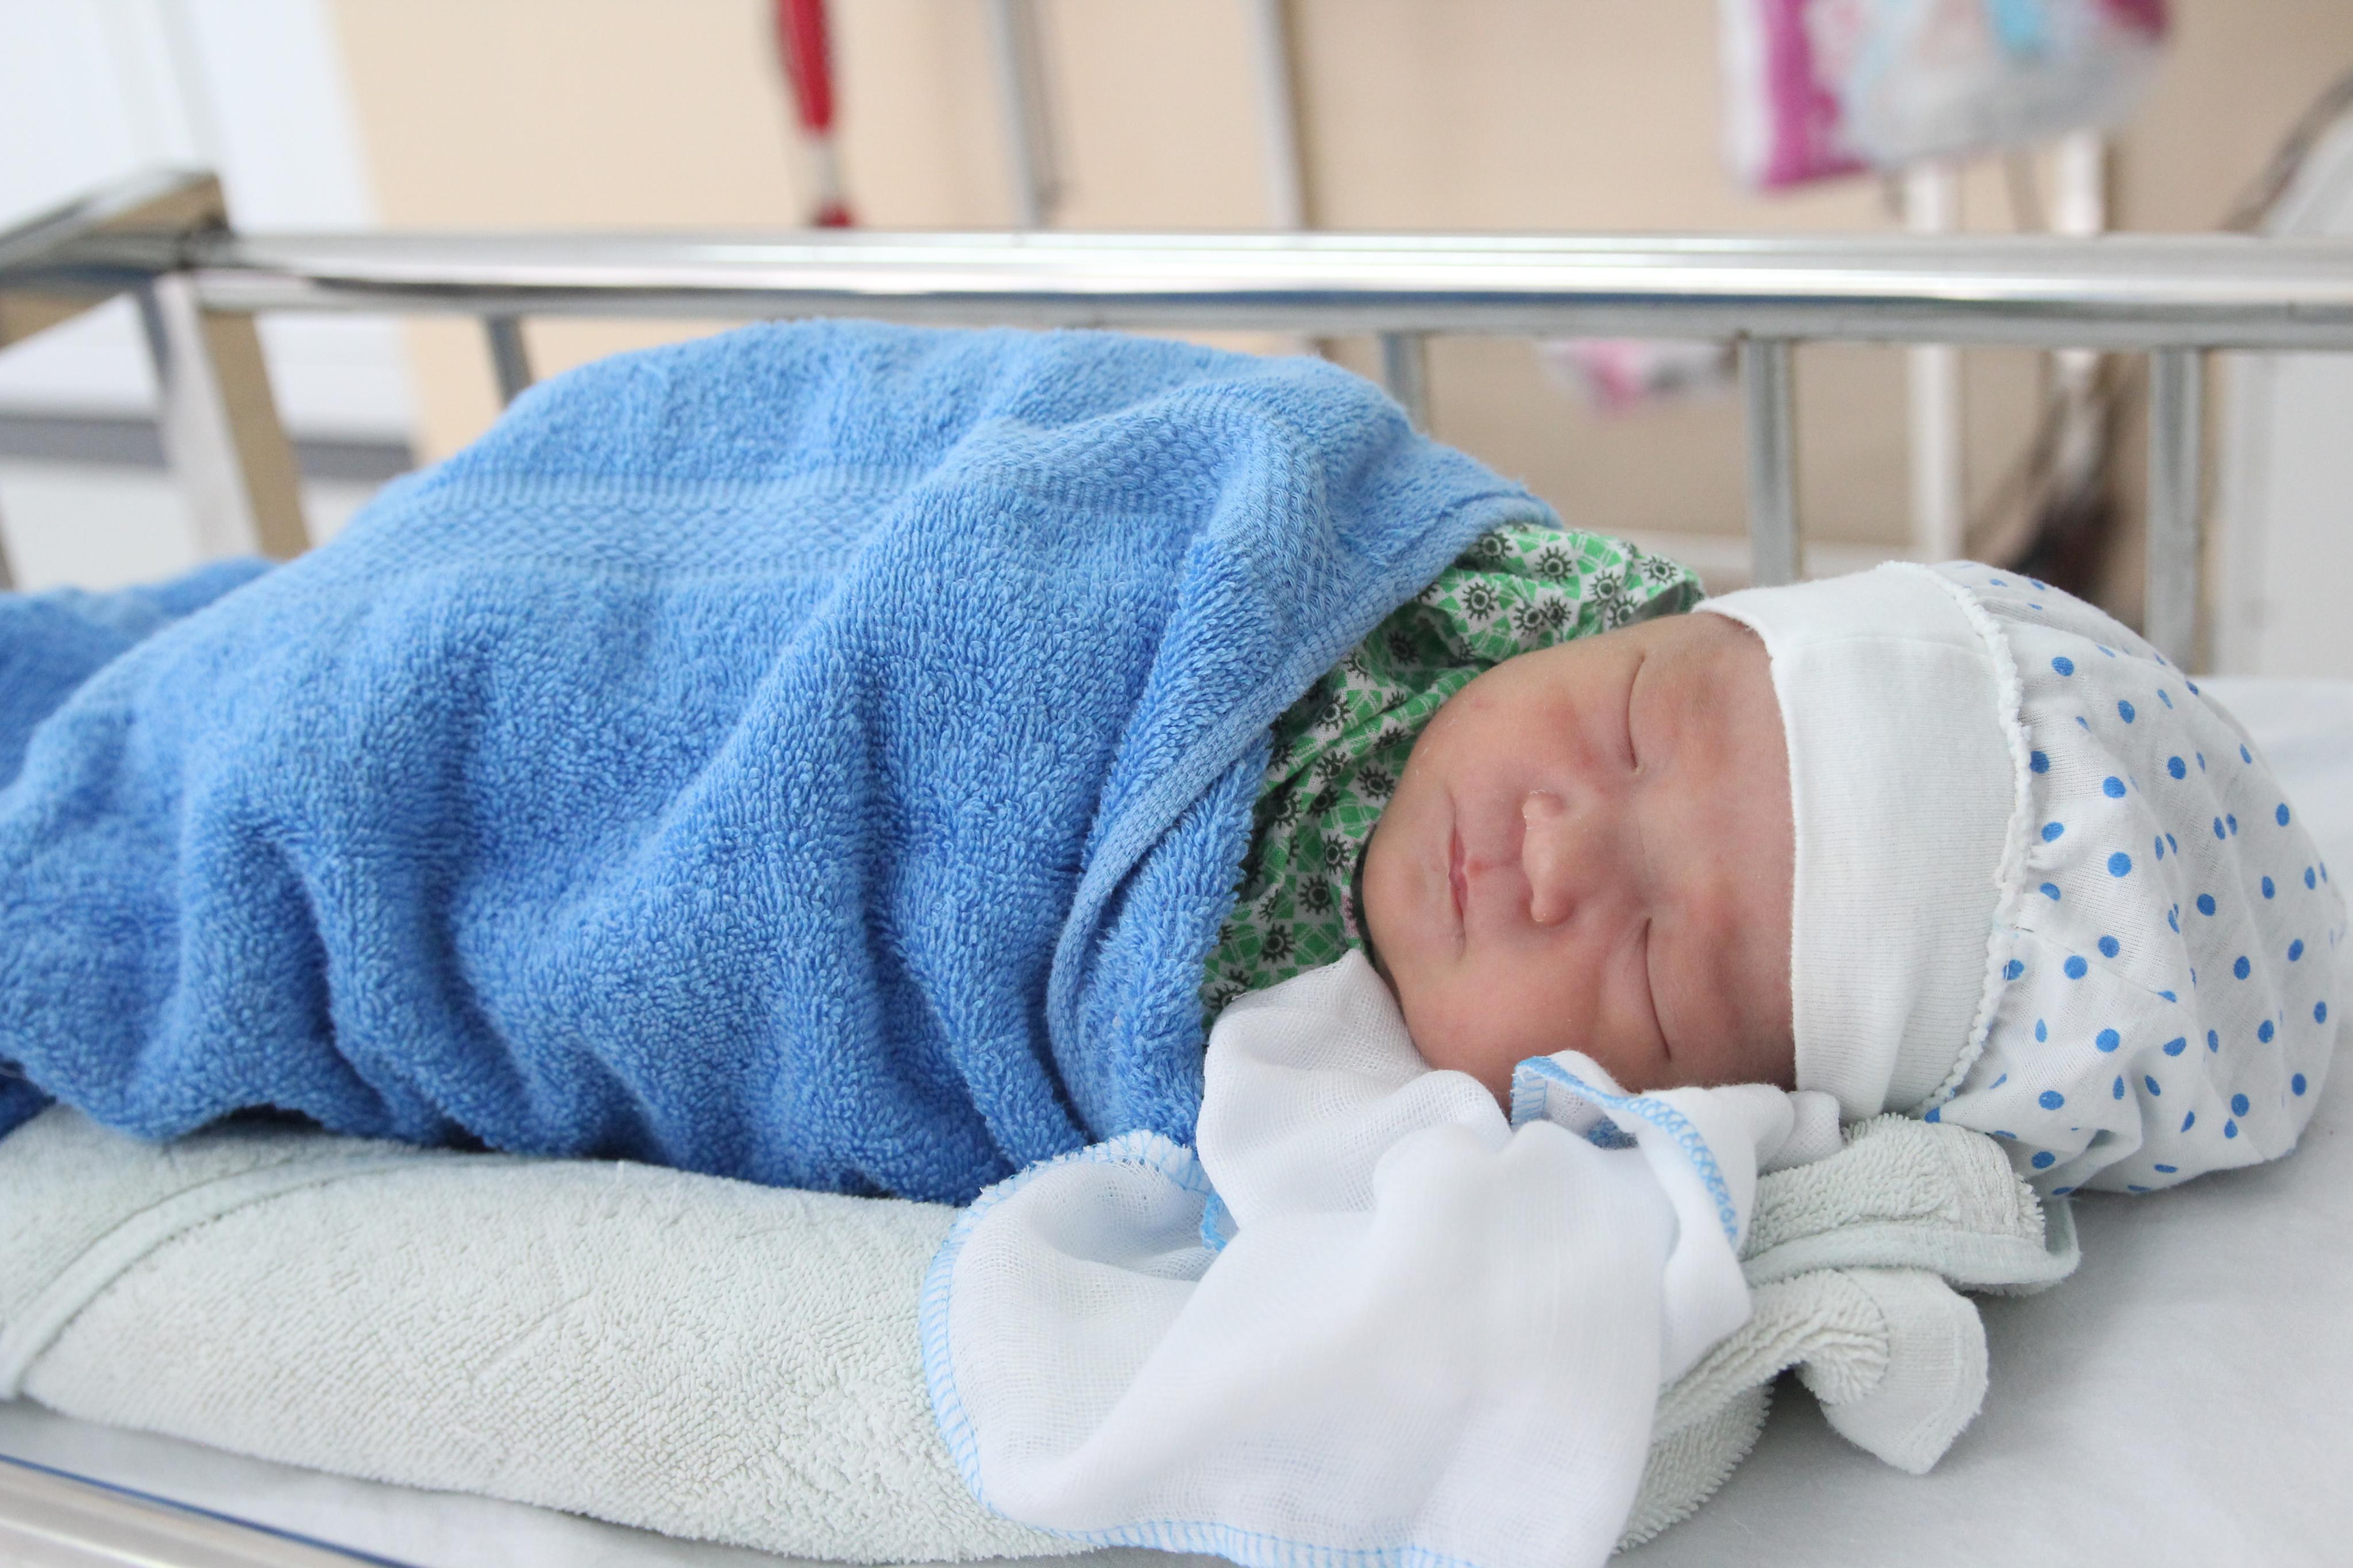 Hai bé sơ sinh bị mẹ ruột bỏ rơi, các bác sĩ thay nhau vắt sữa cho bú